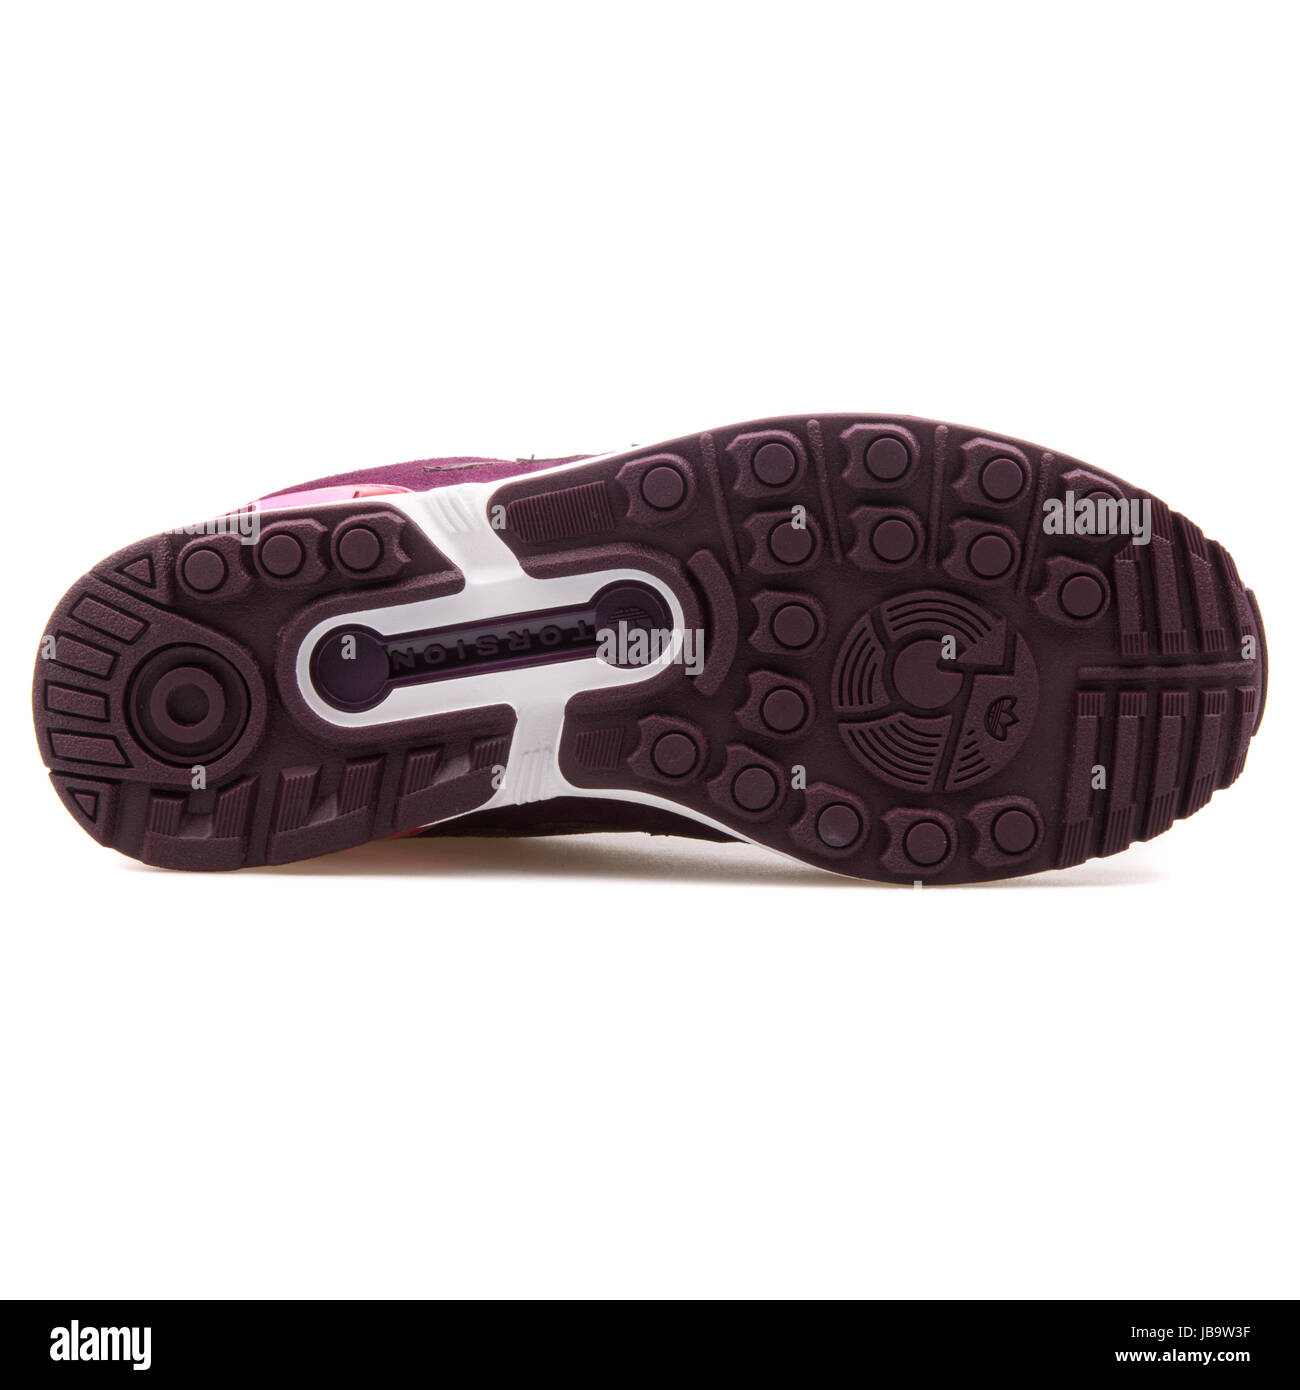 6a4943b61 Adidas ZX Flux W Merlot Women s Running Shoes - B35320 - Stock Image